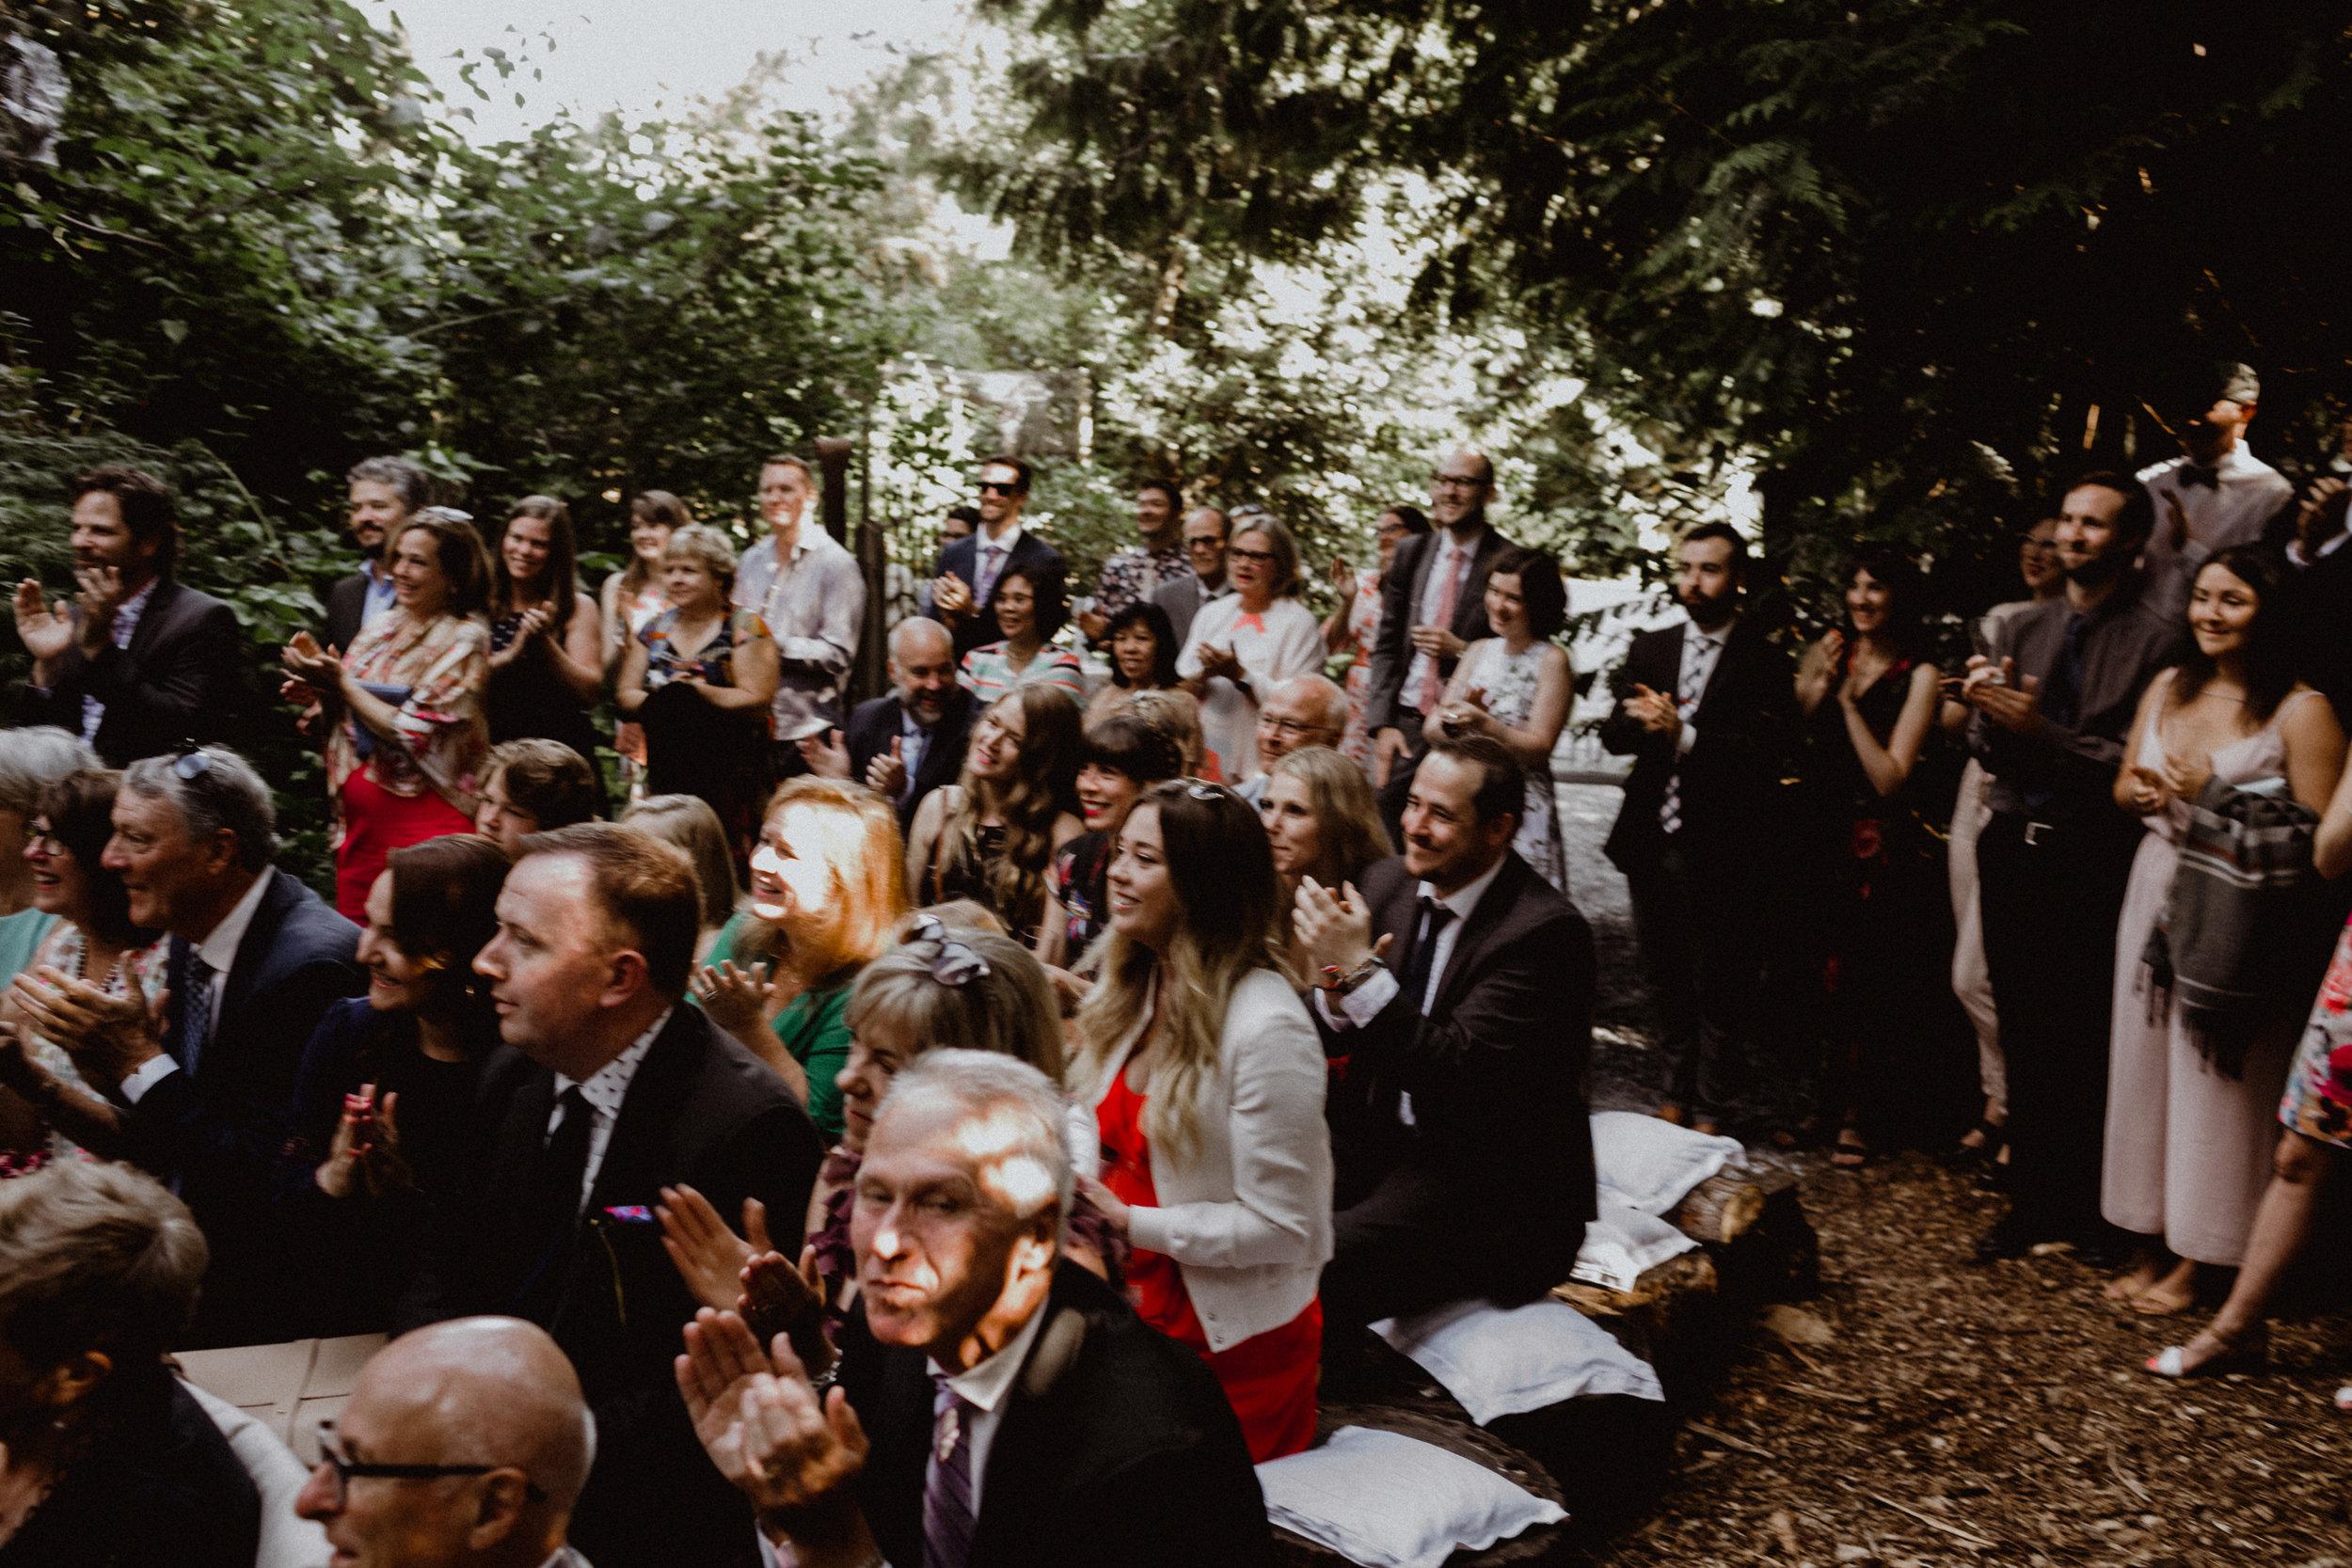 west-vancouver-backyard-wedding-127.jpg